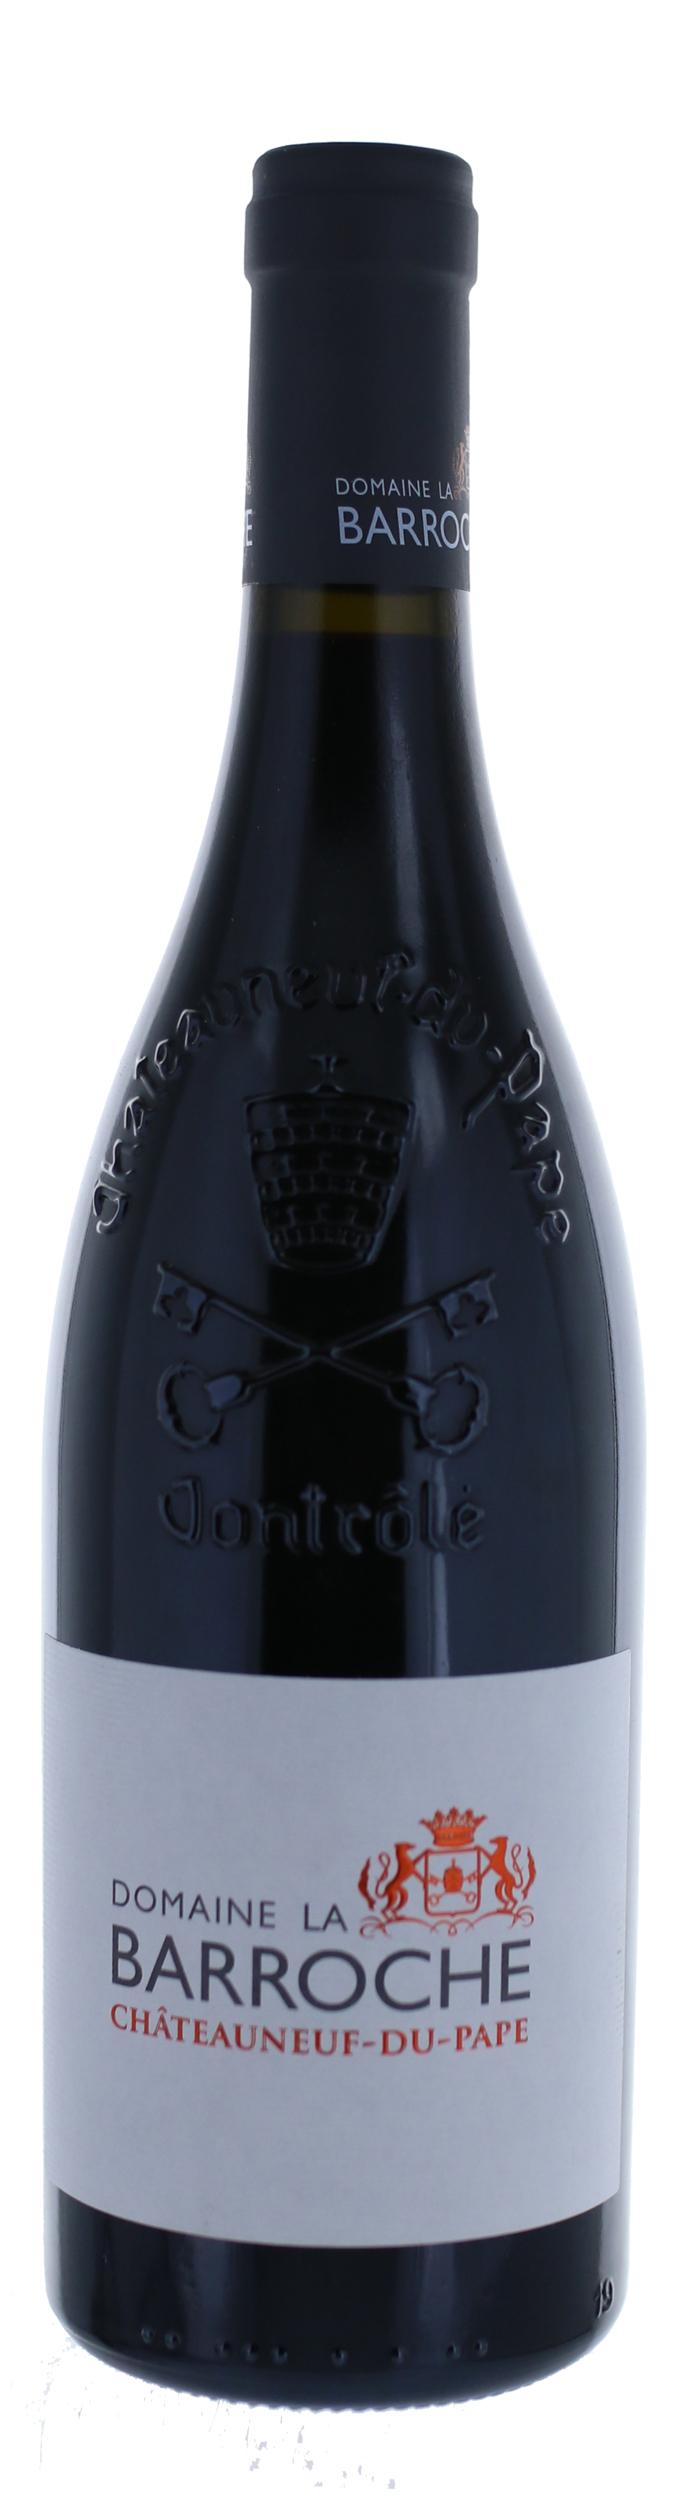 Châteauneuf du Pape - Signature - Domaine de la Barroche - 2016